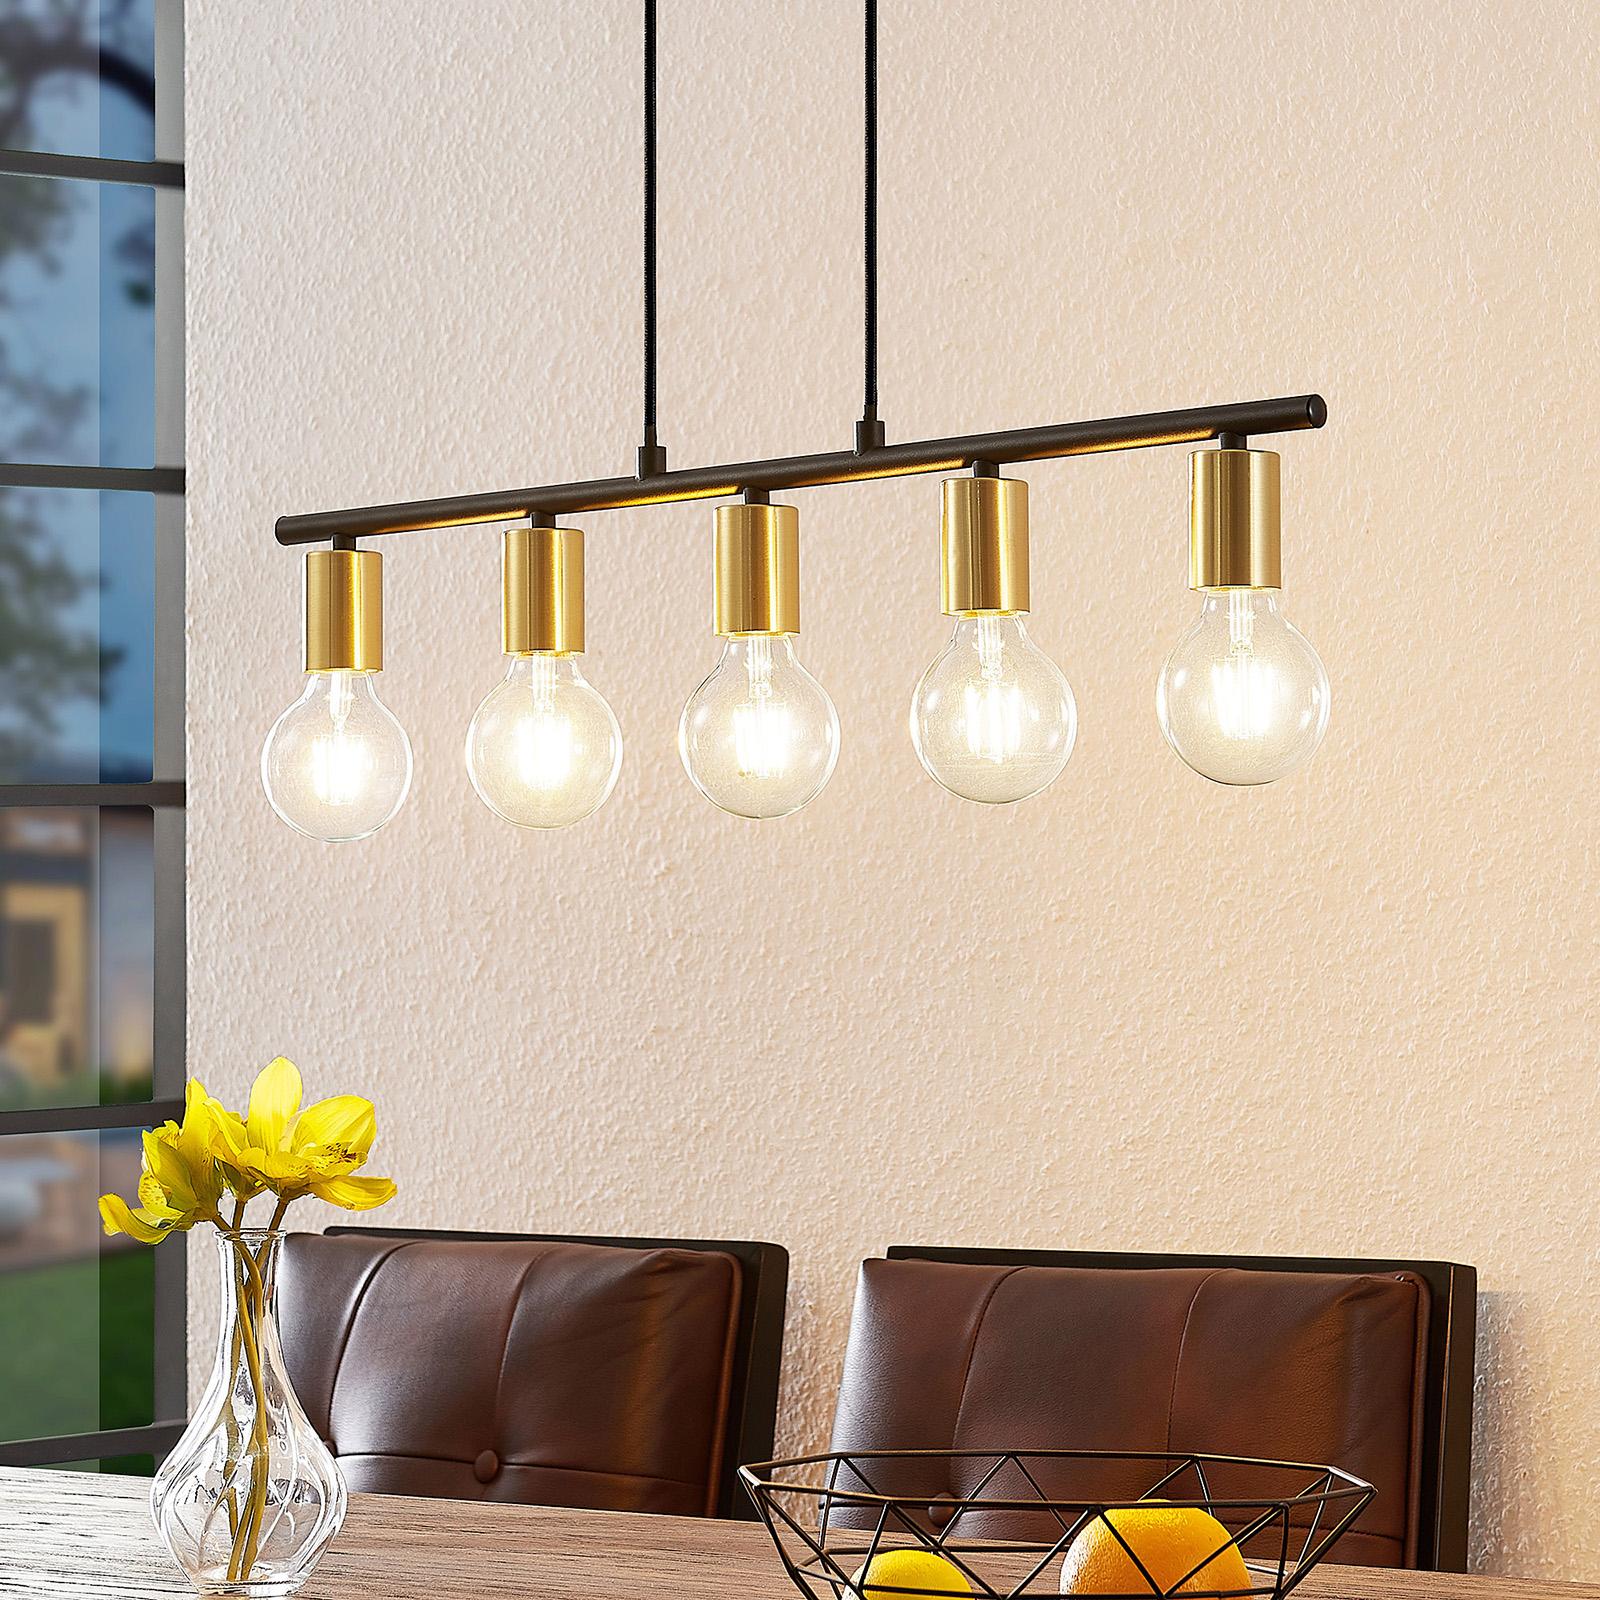 Lindby Peppina suspension salle à manger, 5 lampes